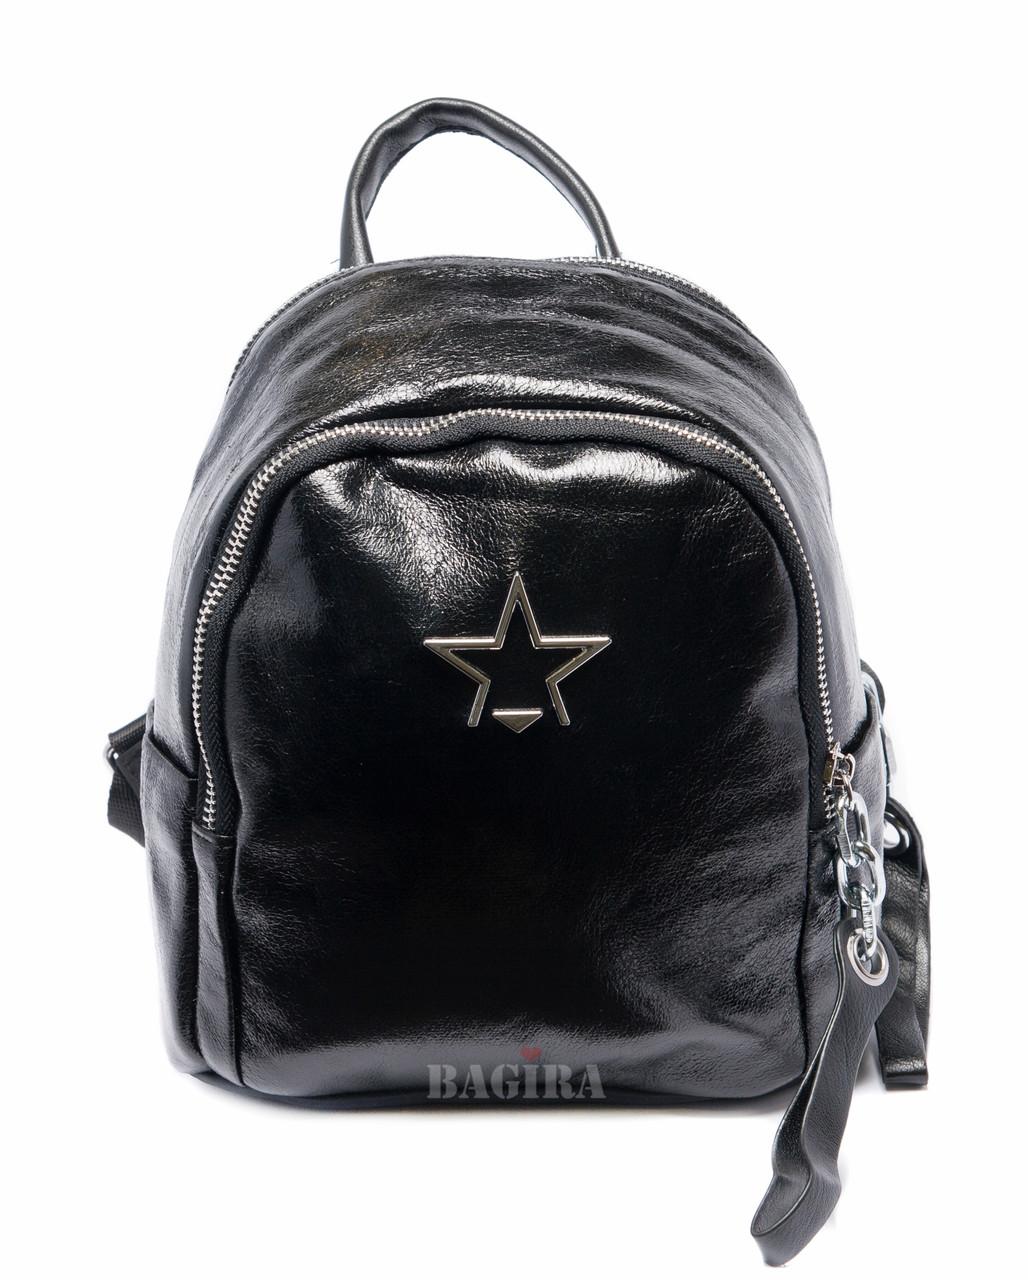 ec235301a9e7 Маленький женский рюкзак из кожзаменителя в комбинации с плащевкой -  Интернет-магазин